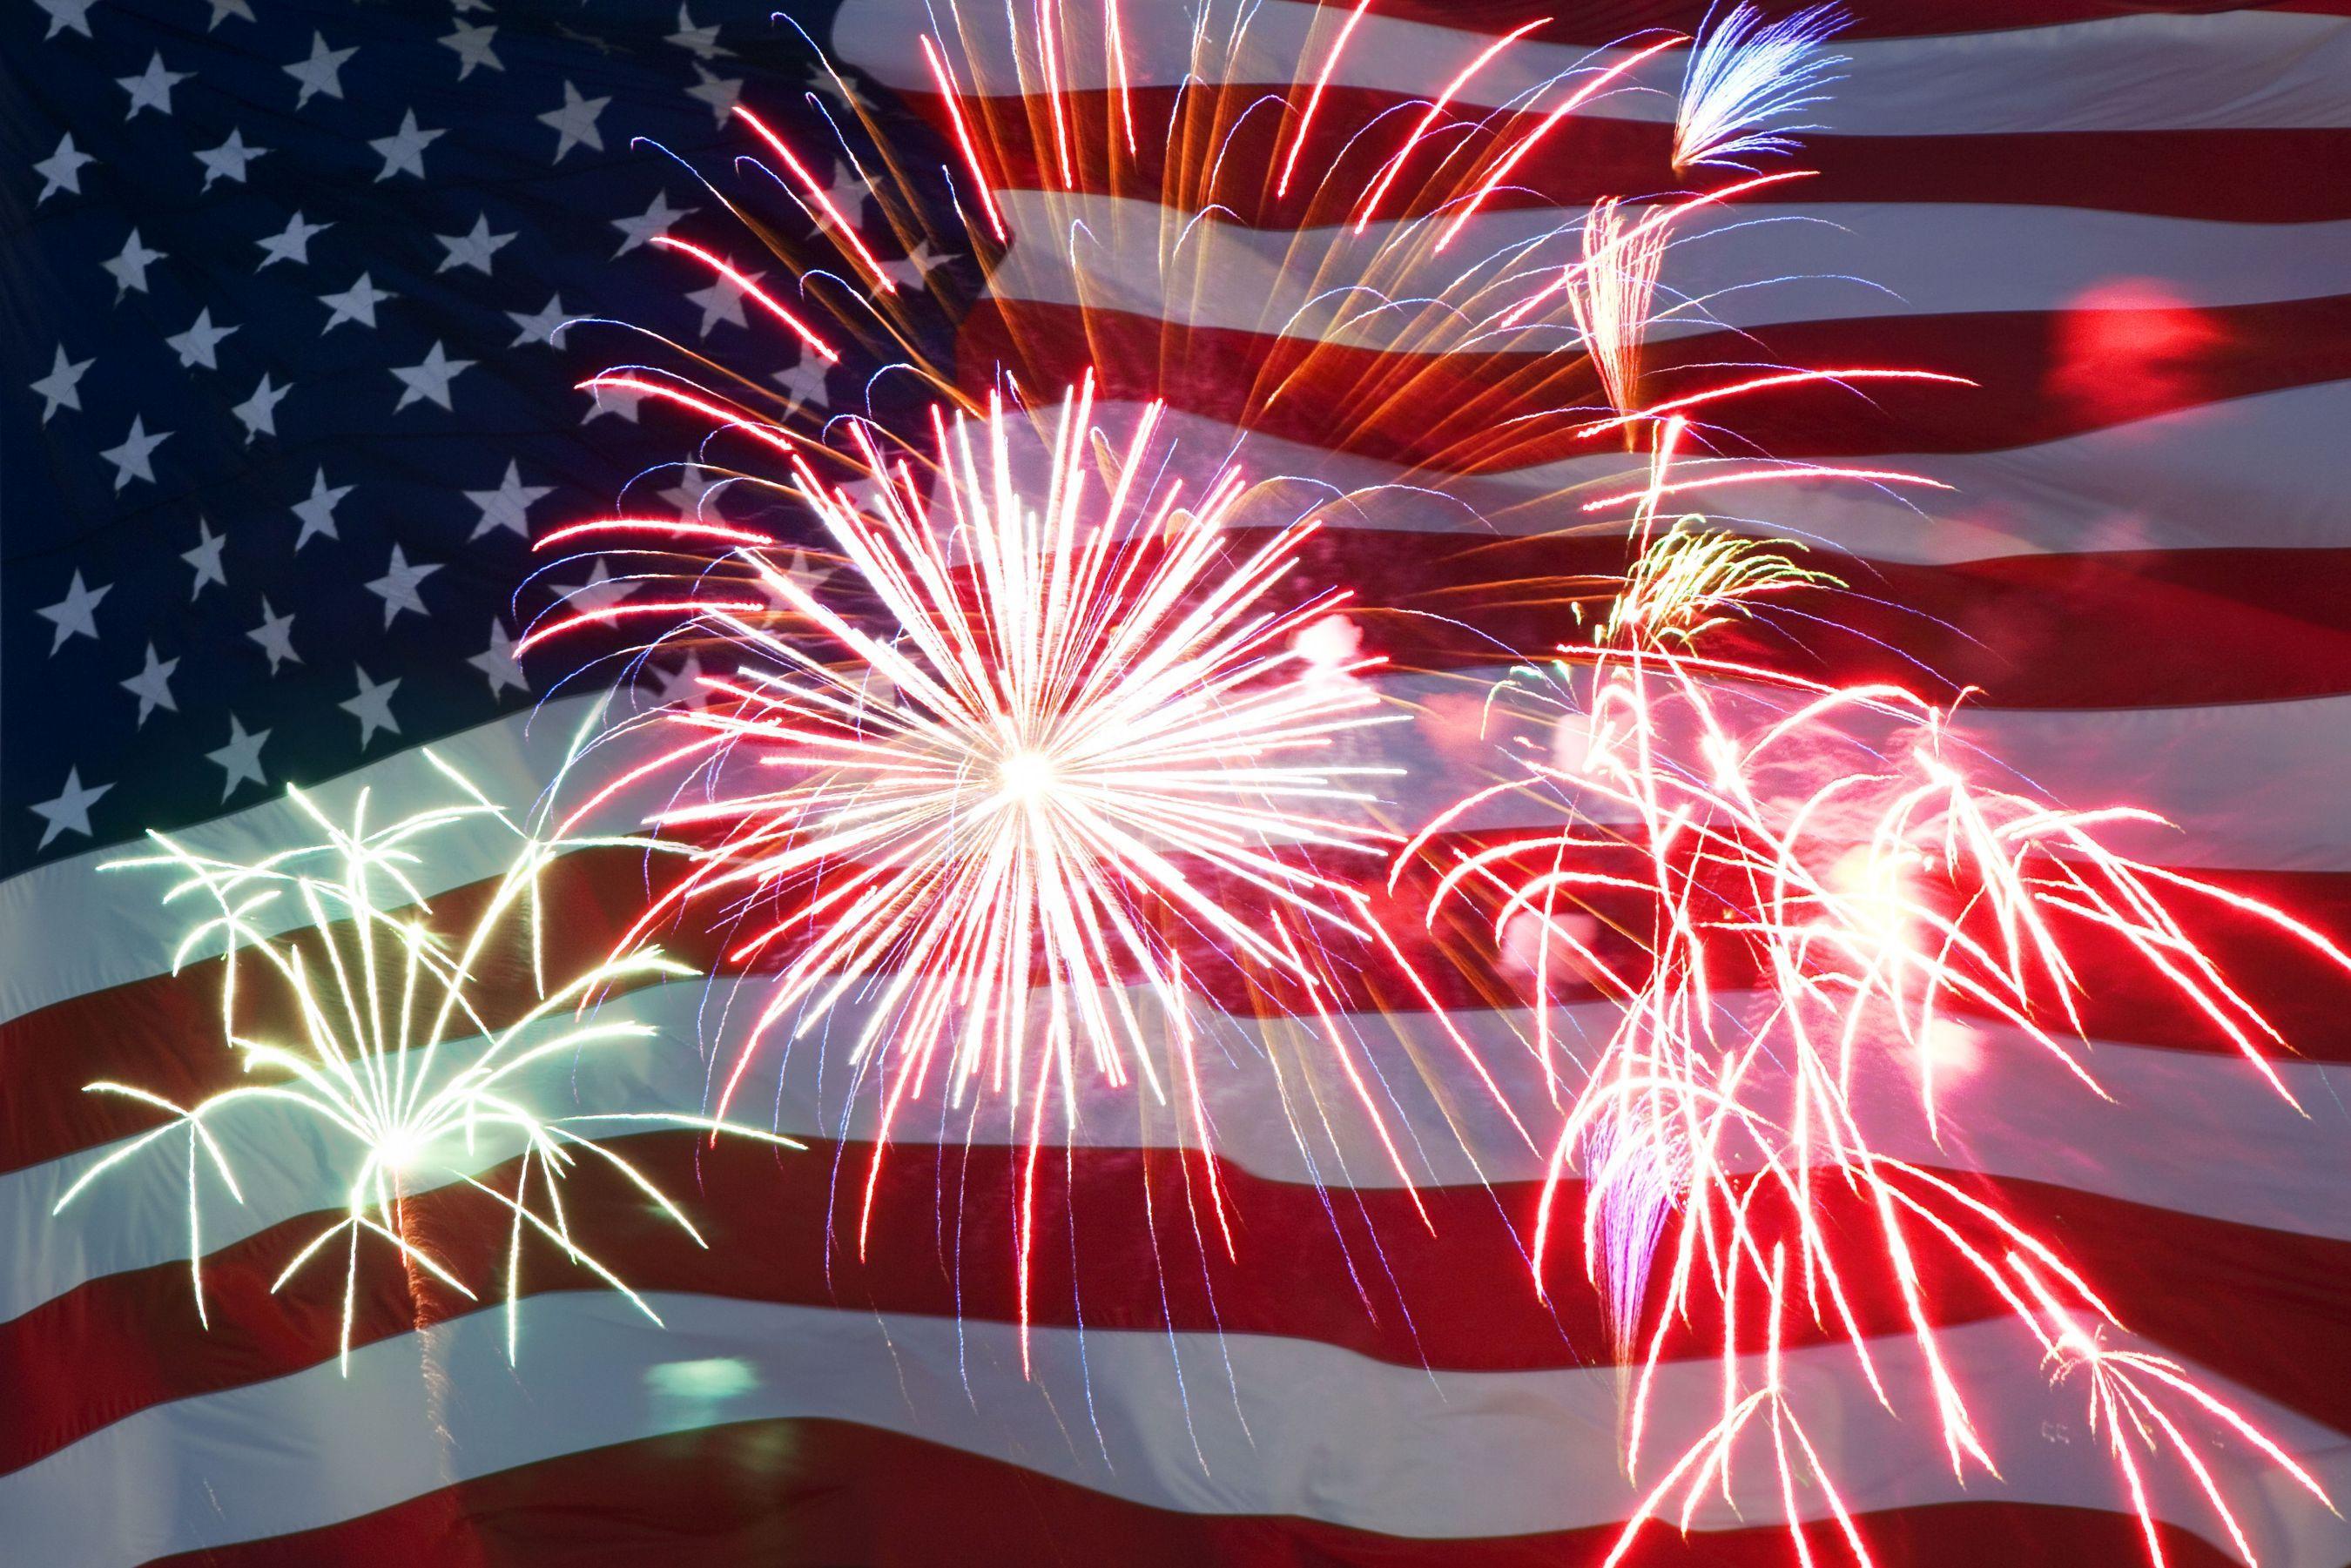 093c4ca8d48aca764153_flag-fireworks.jpg